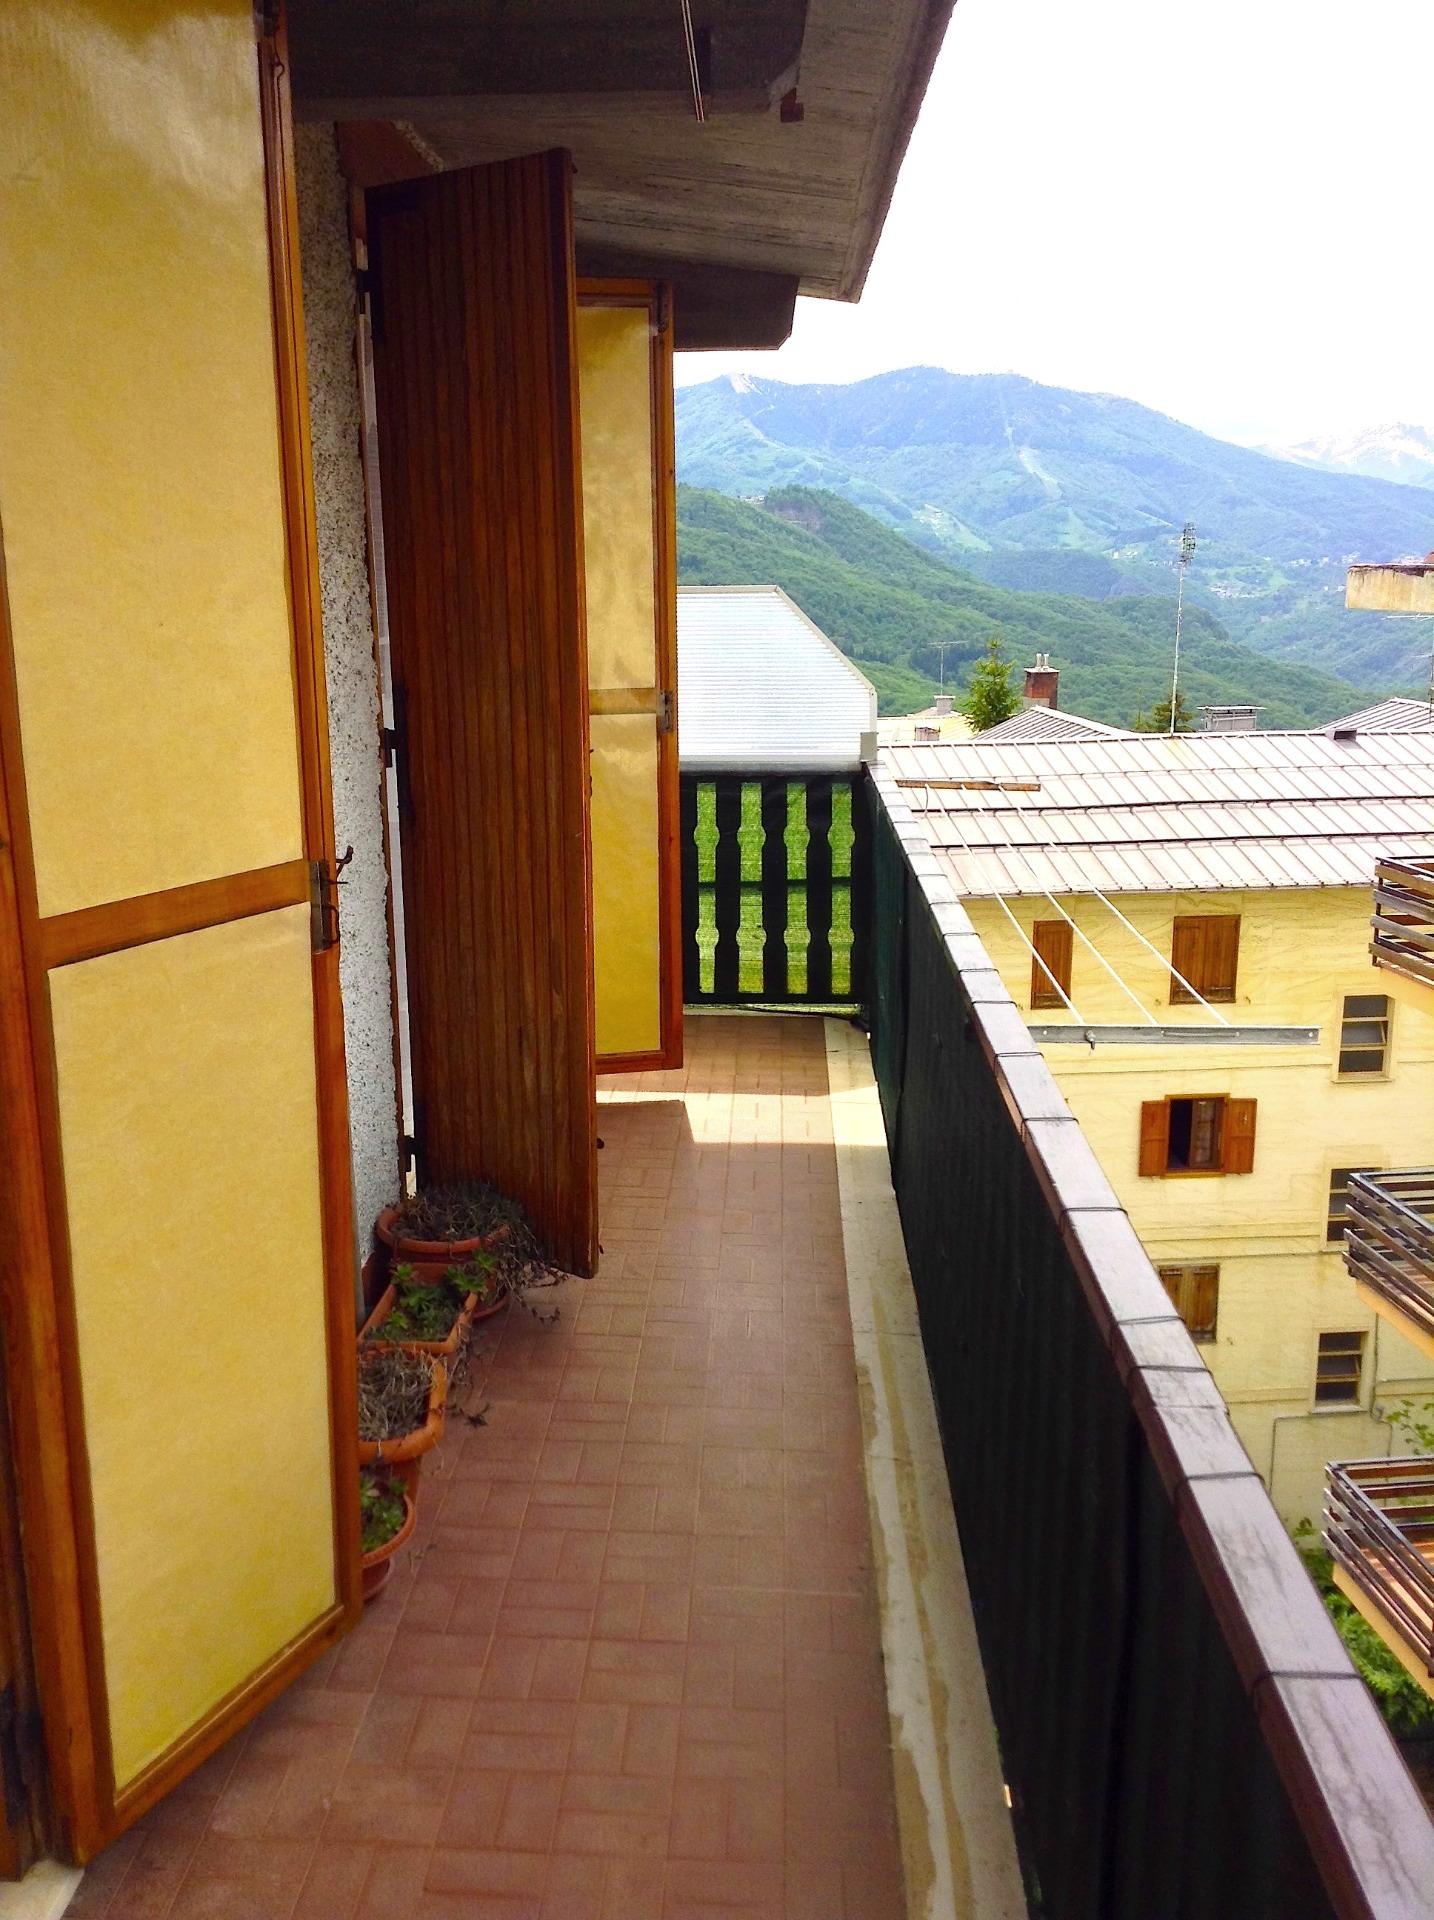 Appartamento in vendita a Roburent, 2 locali, prezzo € 58.000 | Cambio Casa.it